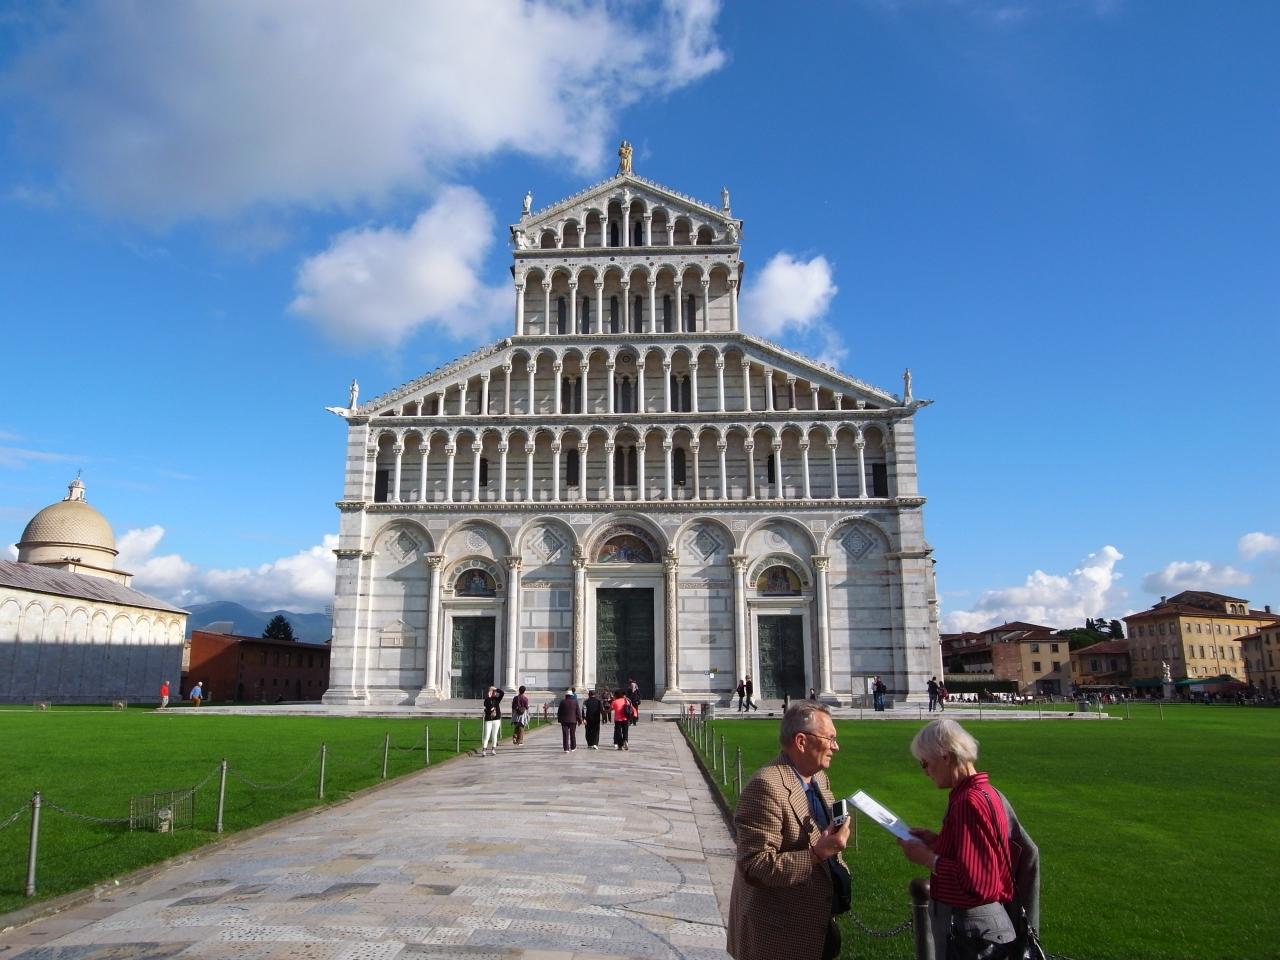 ピサ大聖堂の画像 p1_8